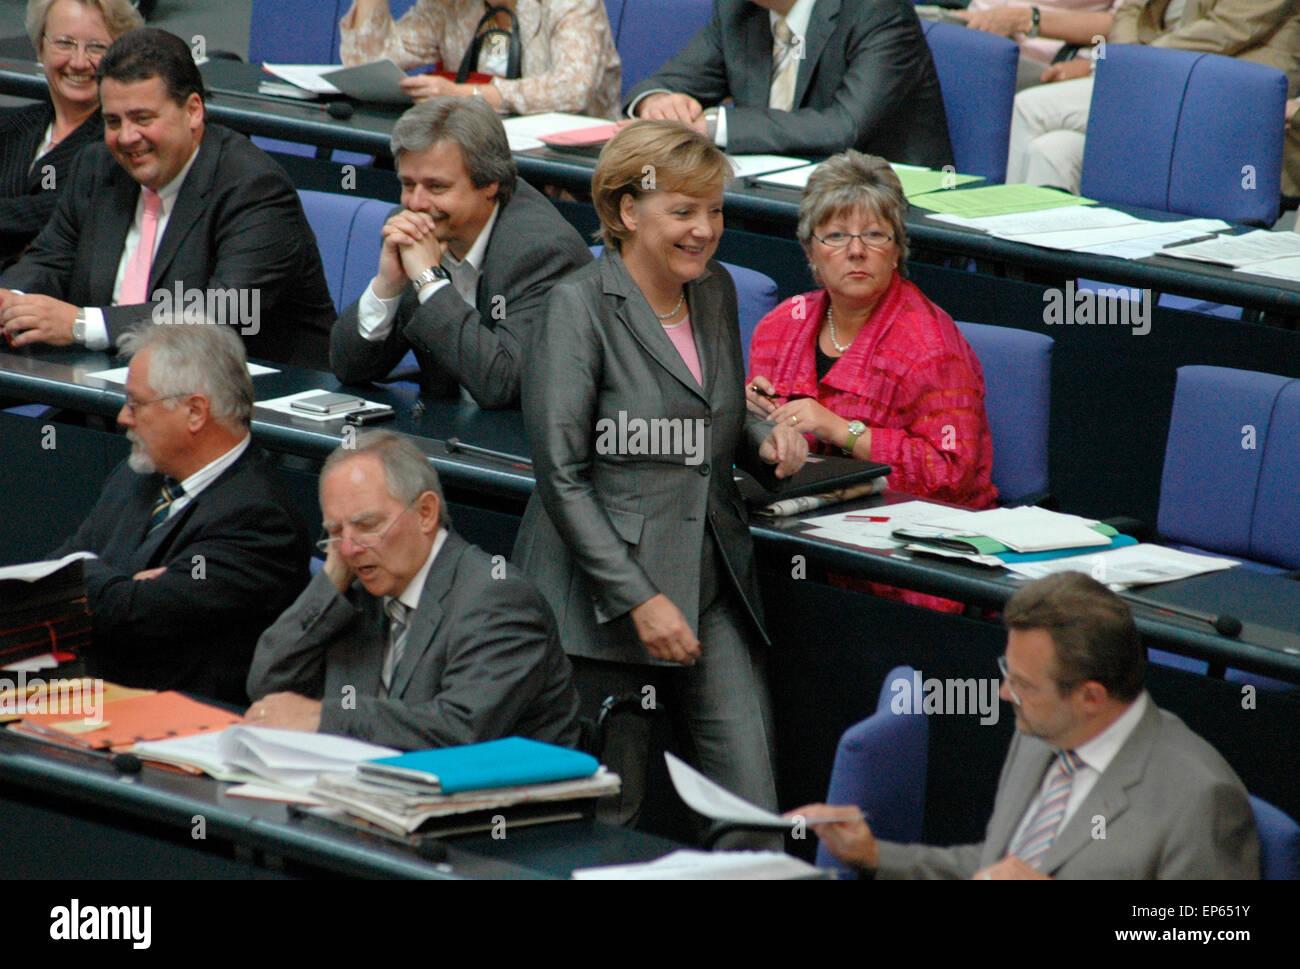 Angela Merkel Bundeskanzlerin auf dem Weg durch die Regierungsbank u.a. mit Sigmar Gabriel und Wolfgang Schaeuble - im Sitzung Bundestag am 29. Juni 2006, Reichstagsgebaeude, Berlín Tiergarten. Foto de stock